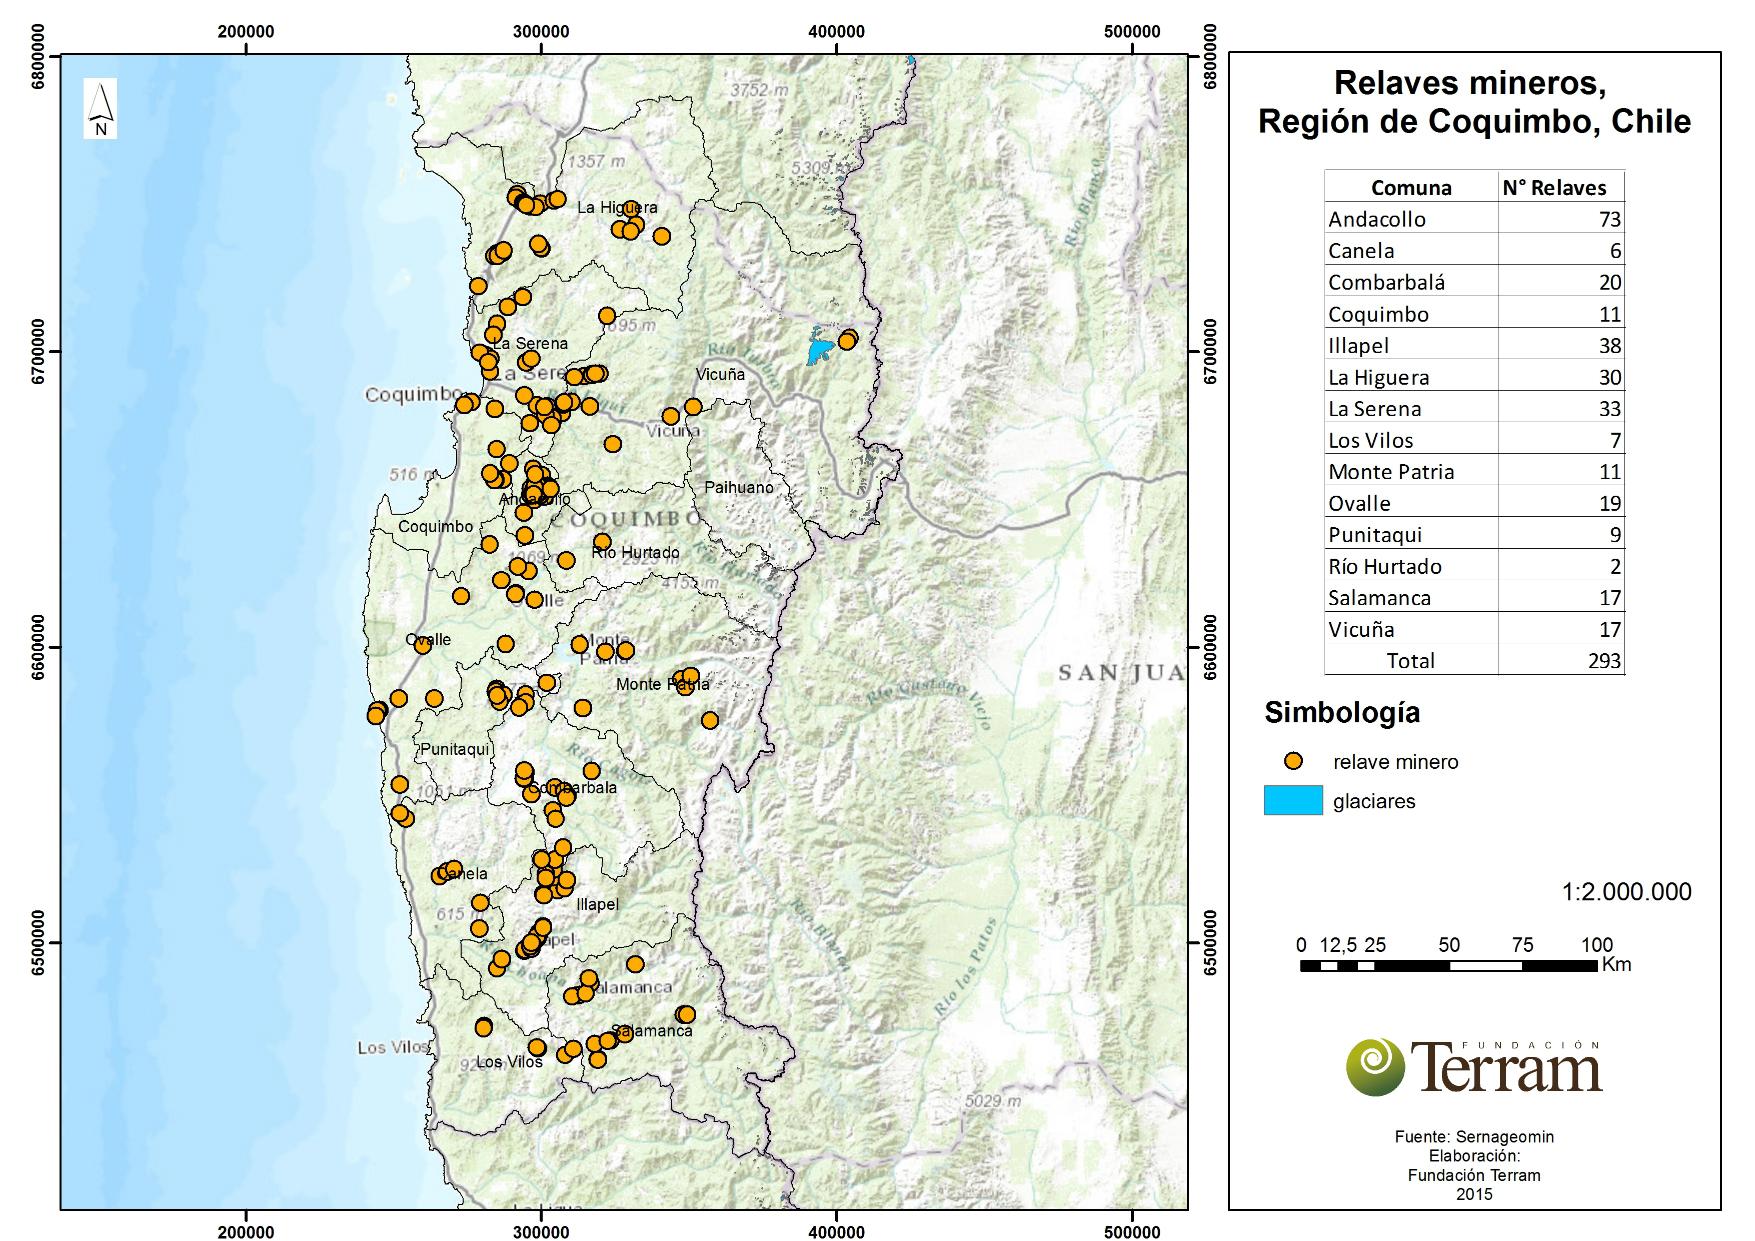 Catastro de los relaves mineros del norte de Chile: Coquimbo